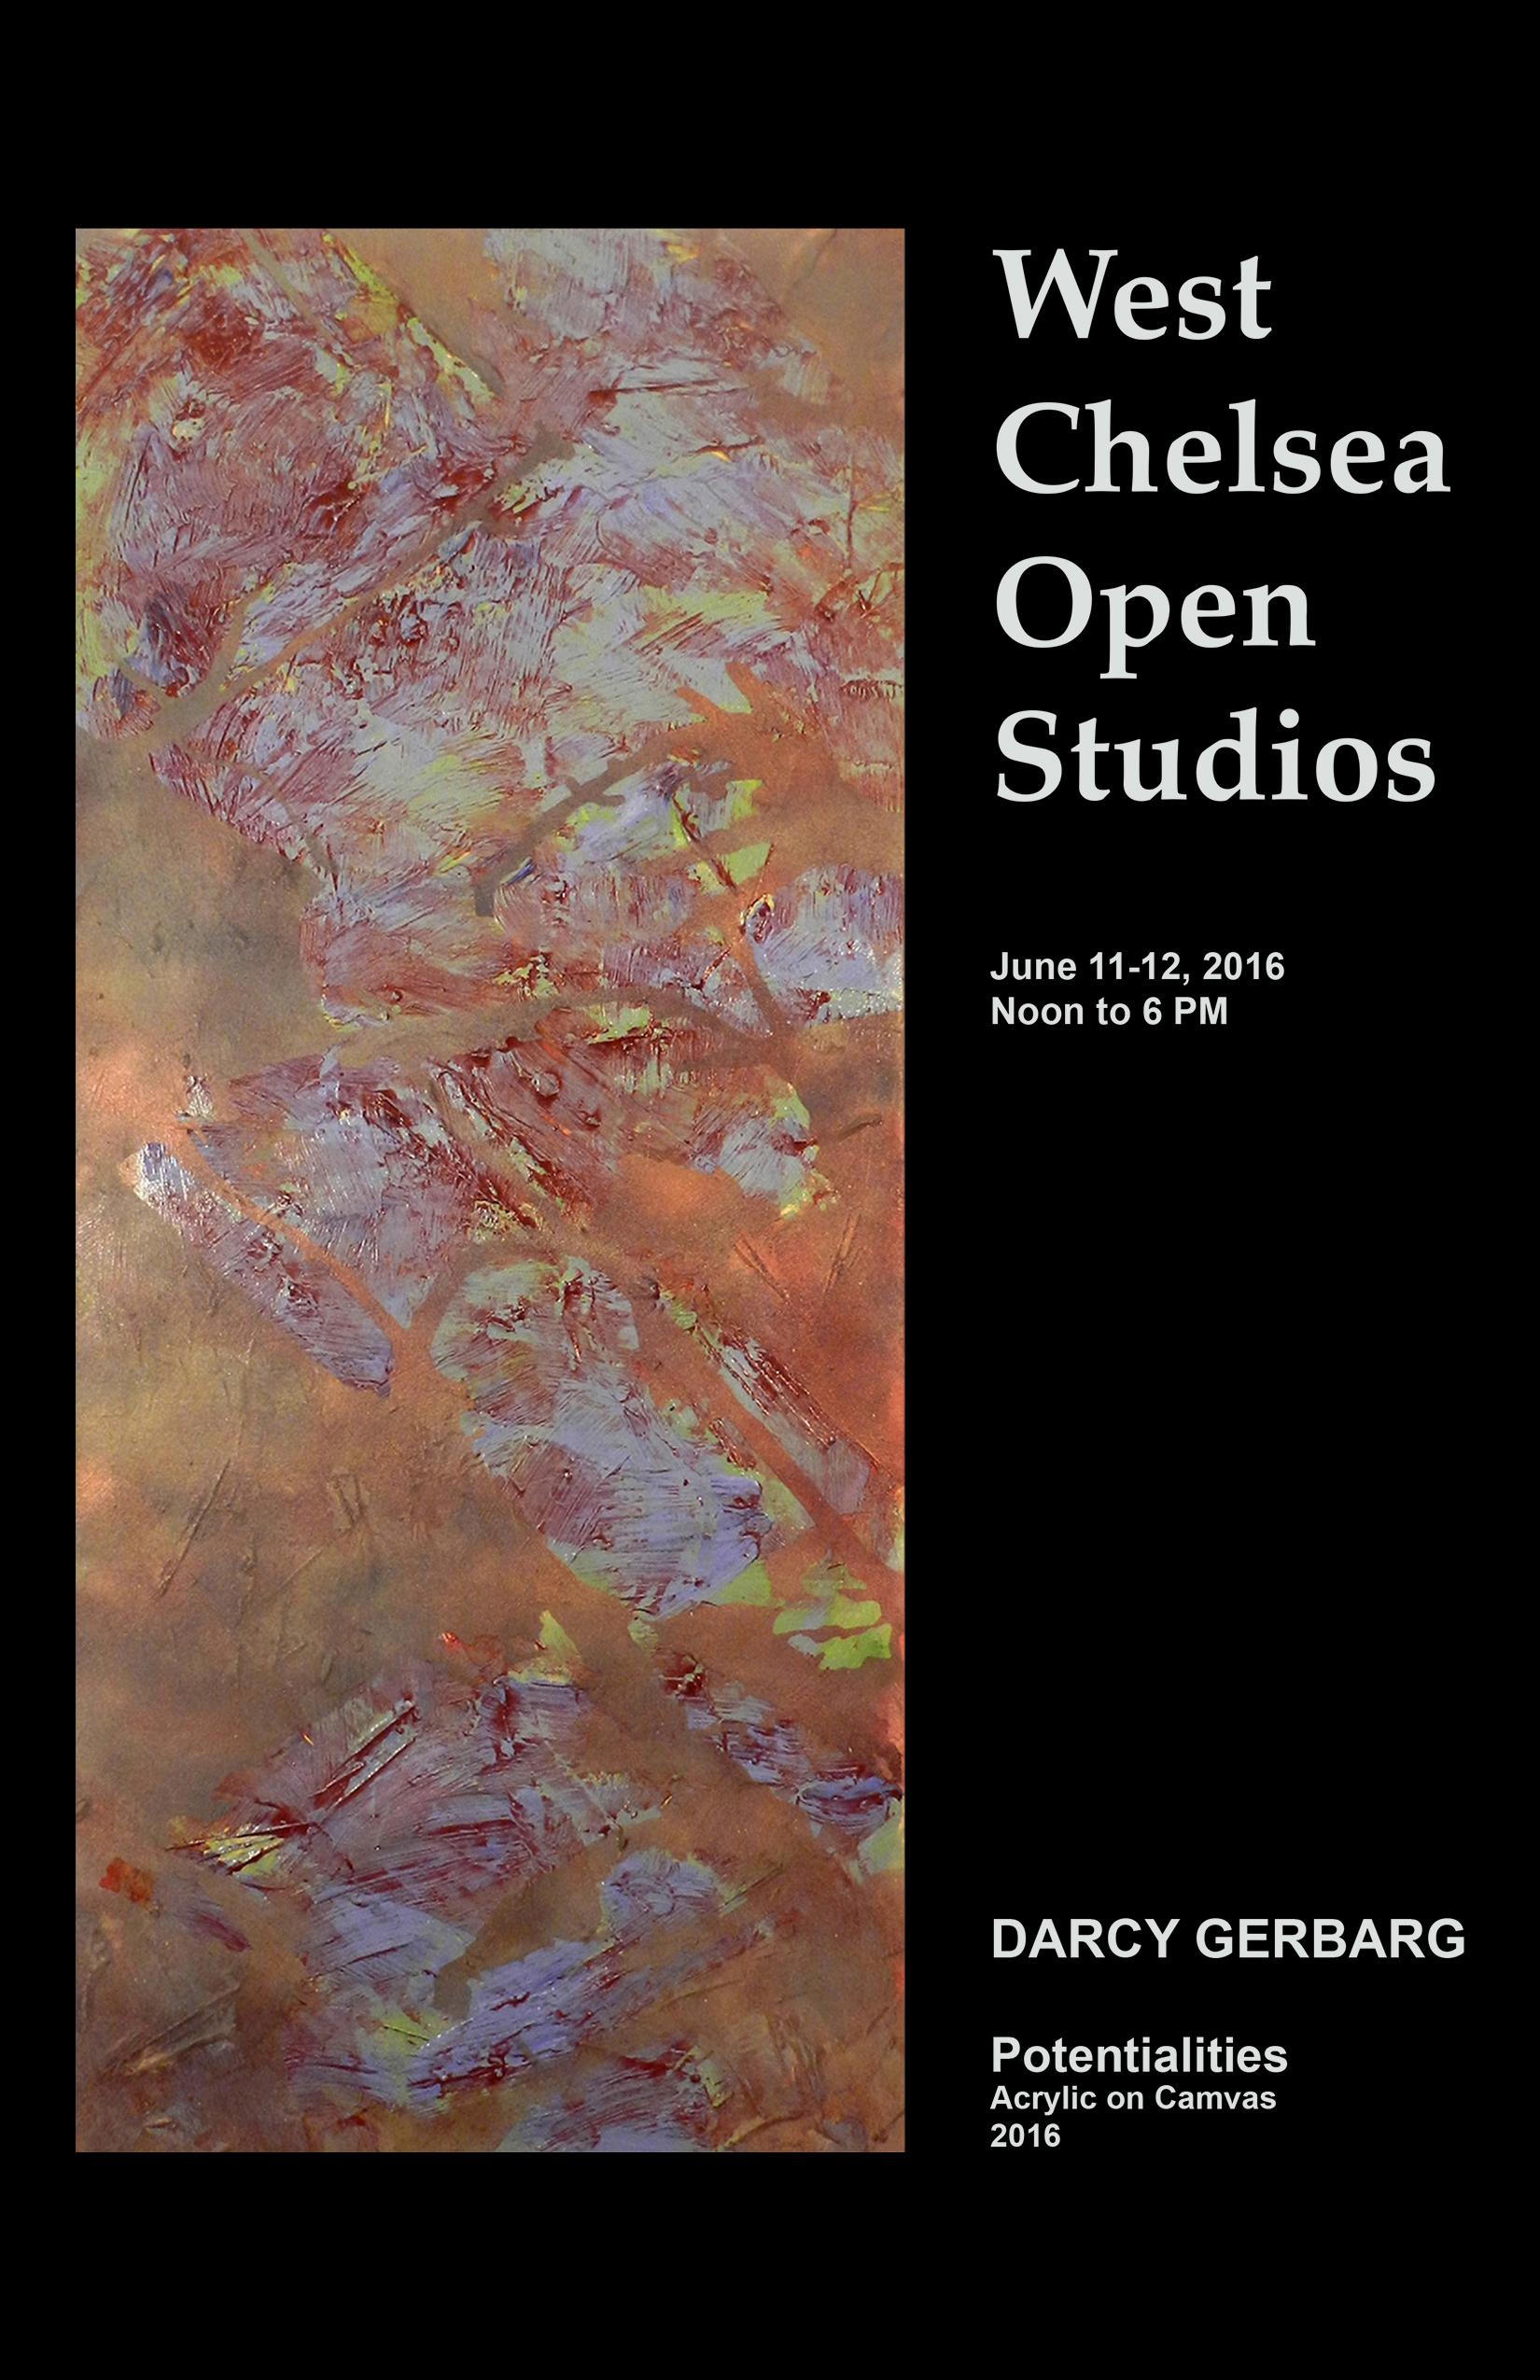 West Cheslea Open Studios Postcard June 2016.jpg